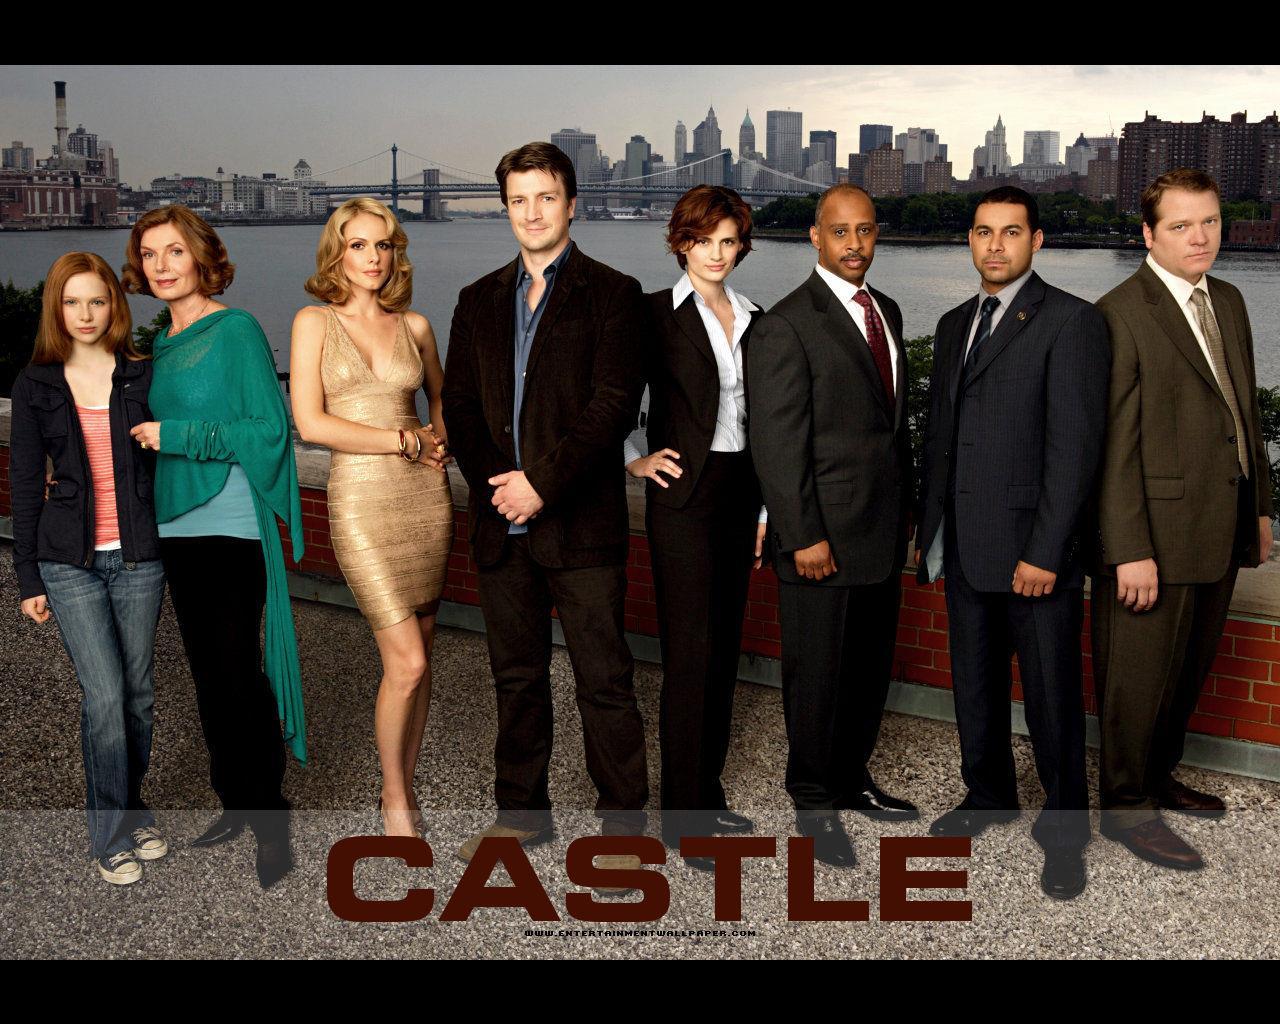 castle-serie-TV-le-casting